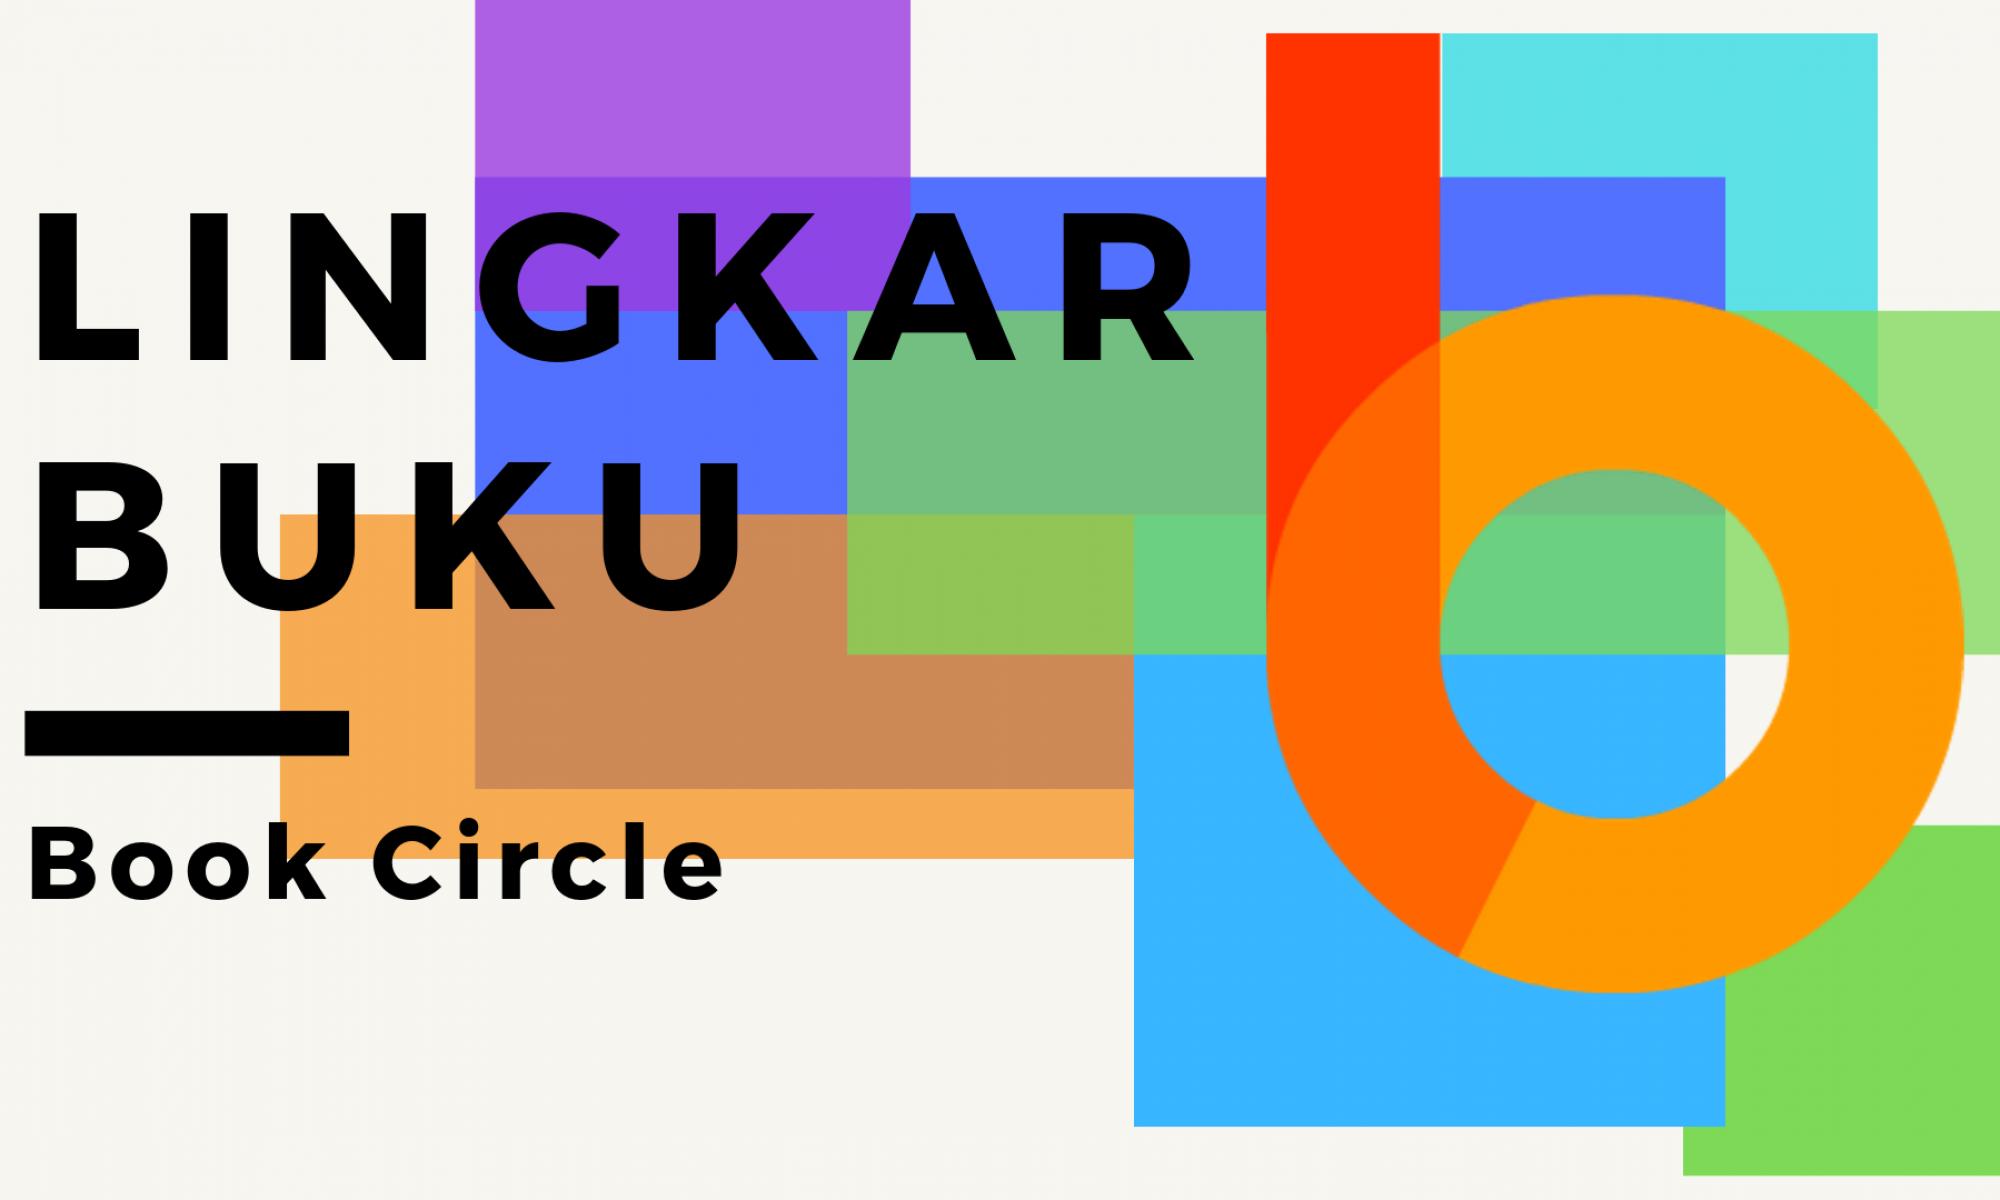 LingkarBuku